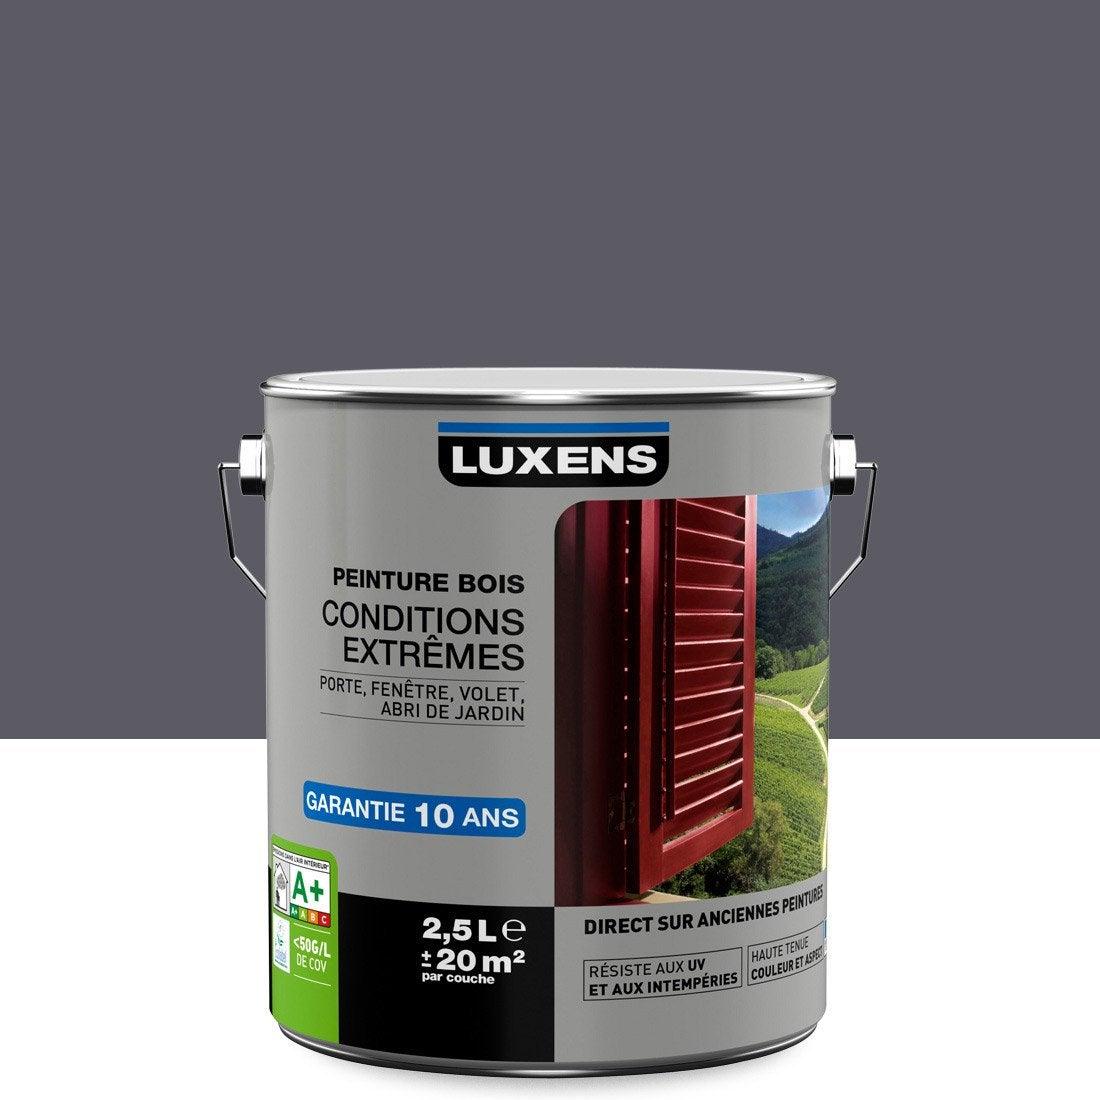 Peinture bois ext rieur conditions extr mes luxens gris for Peinture sur crepi exterieur